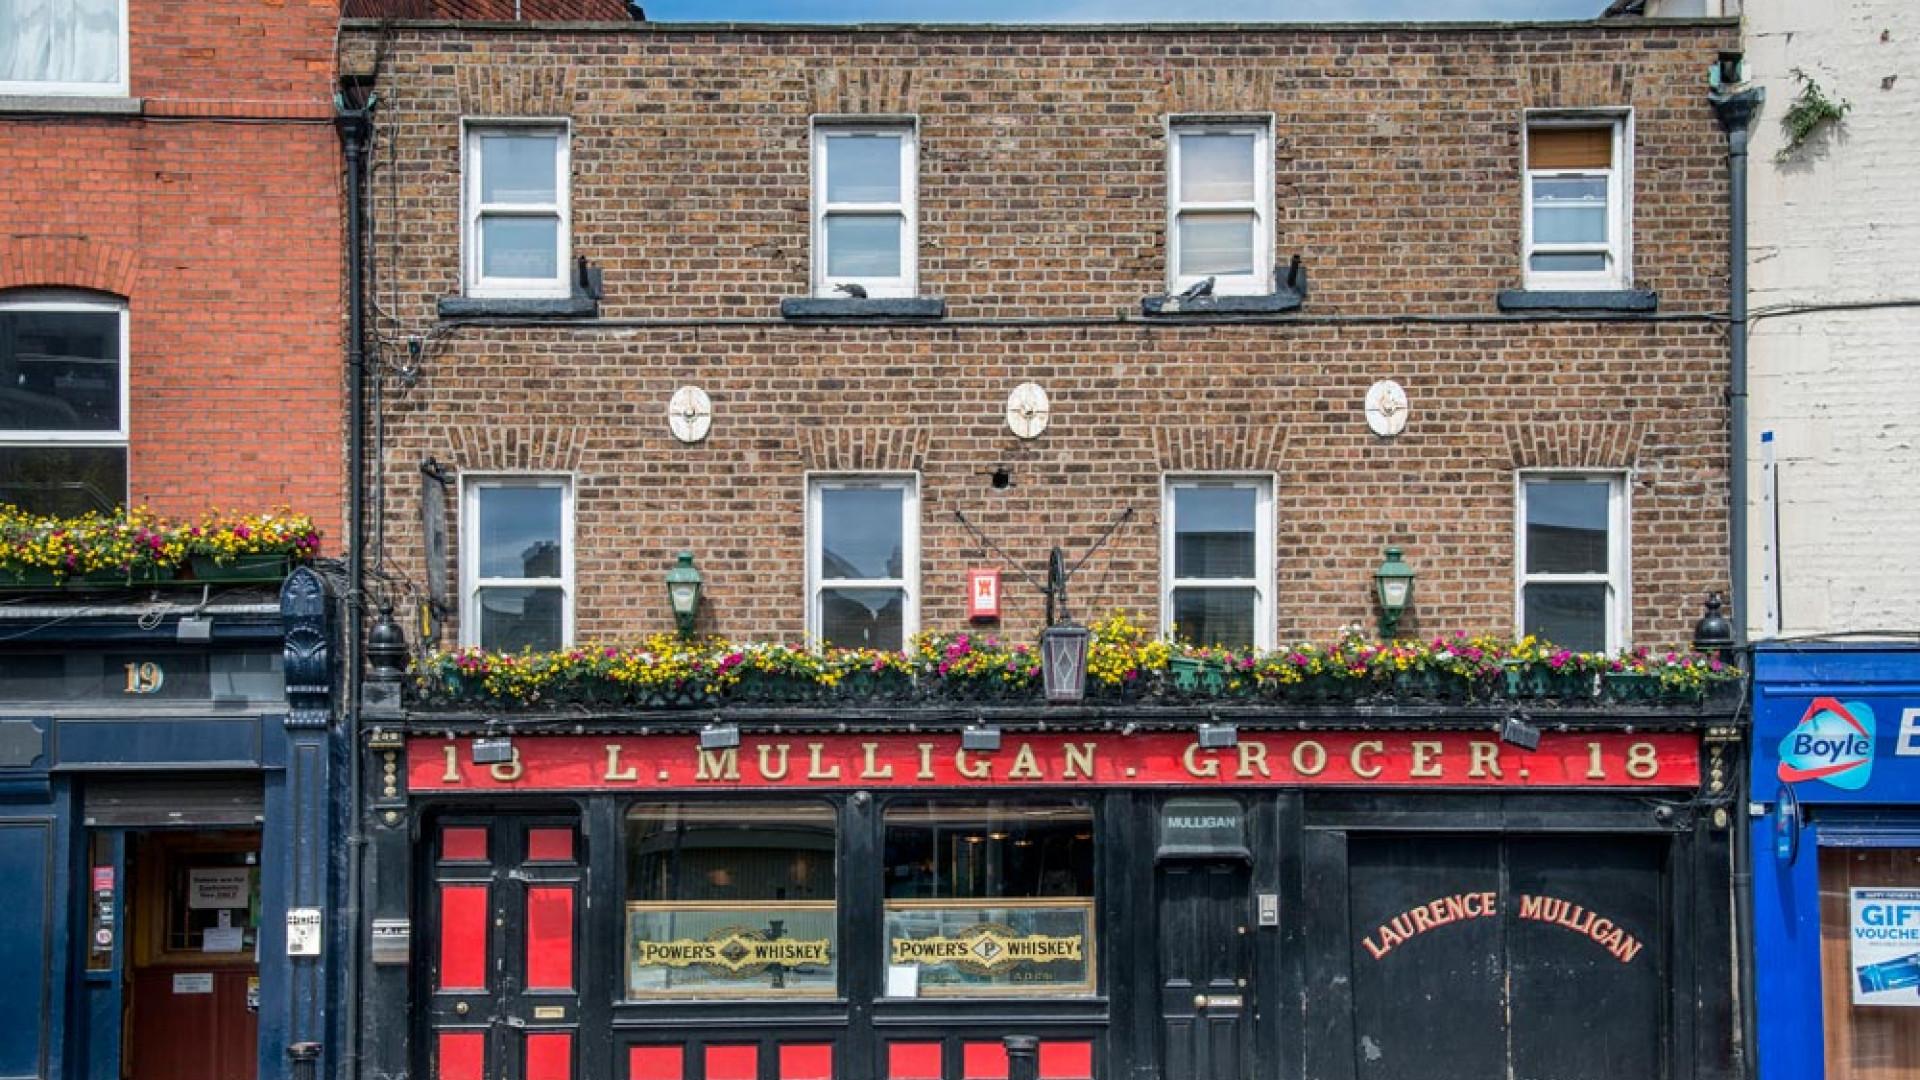 L Mulligan Grocer, Dublin